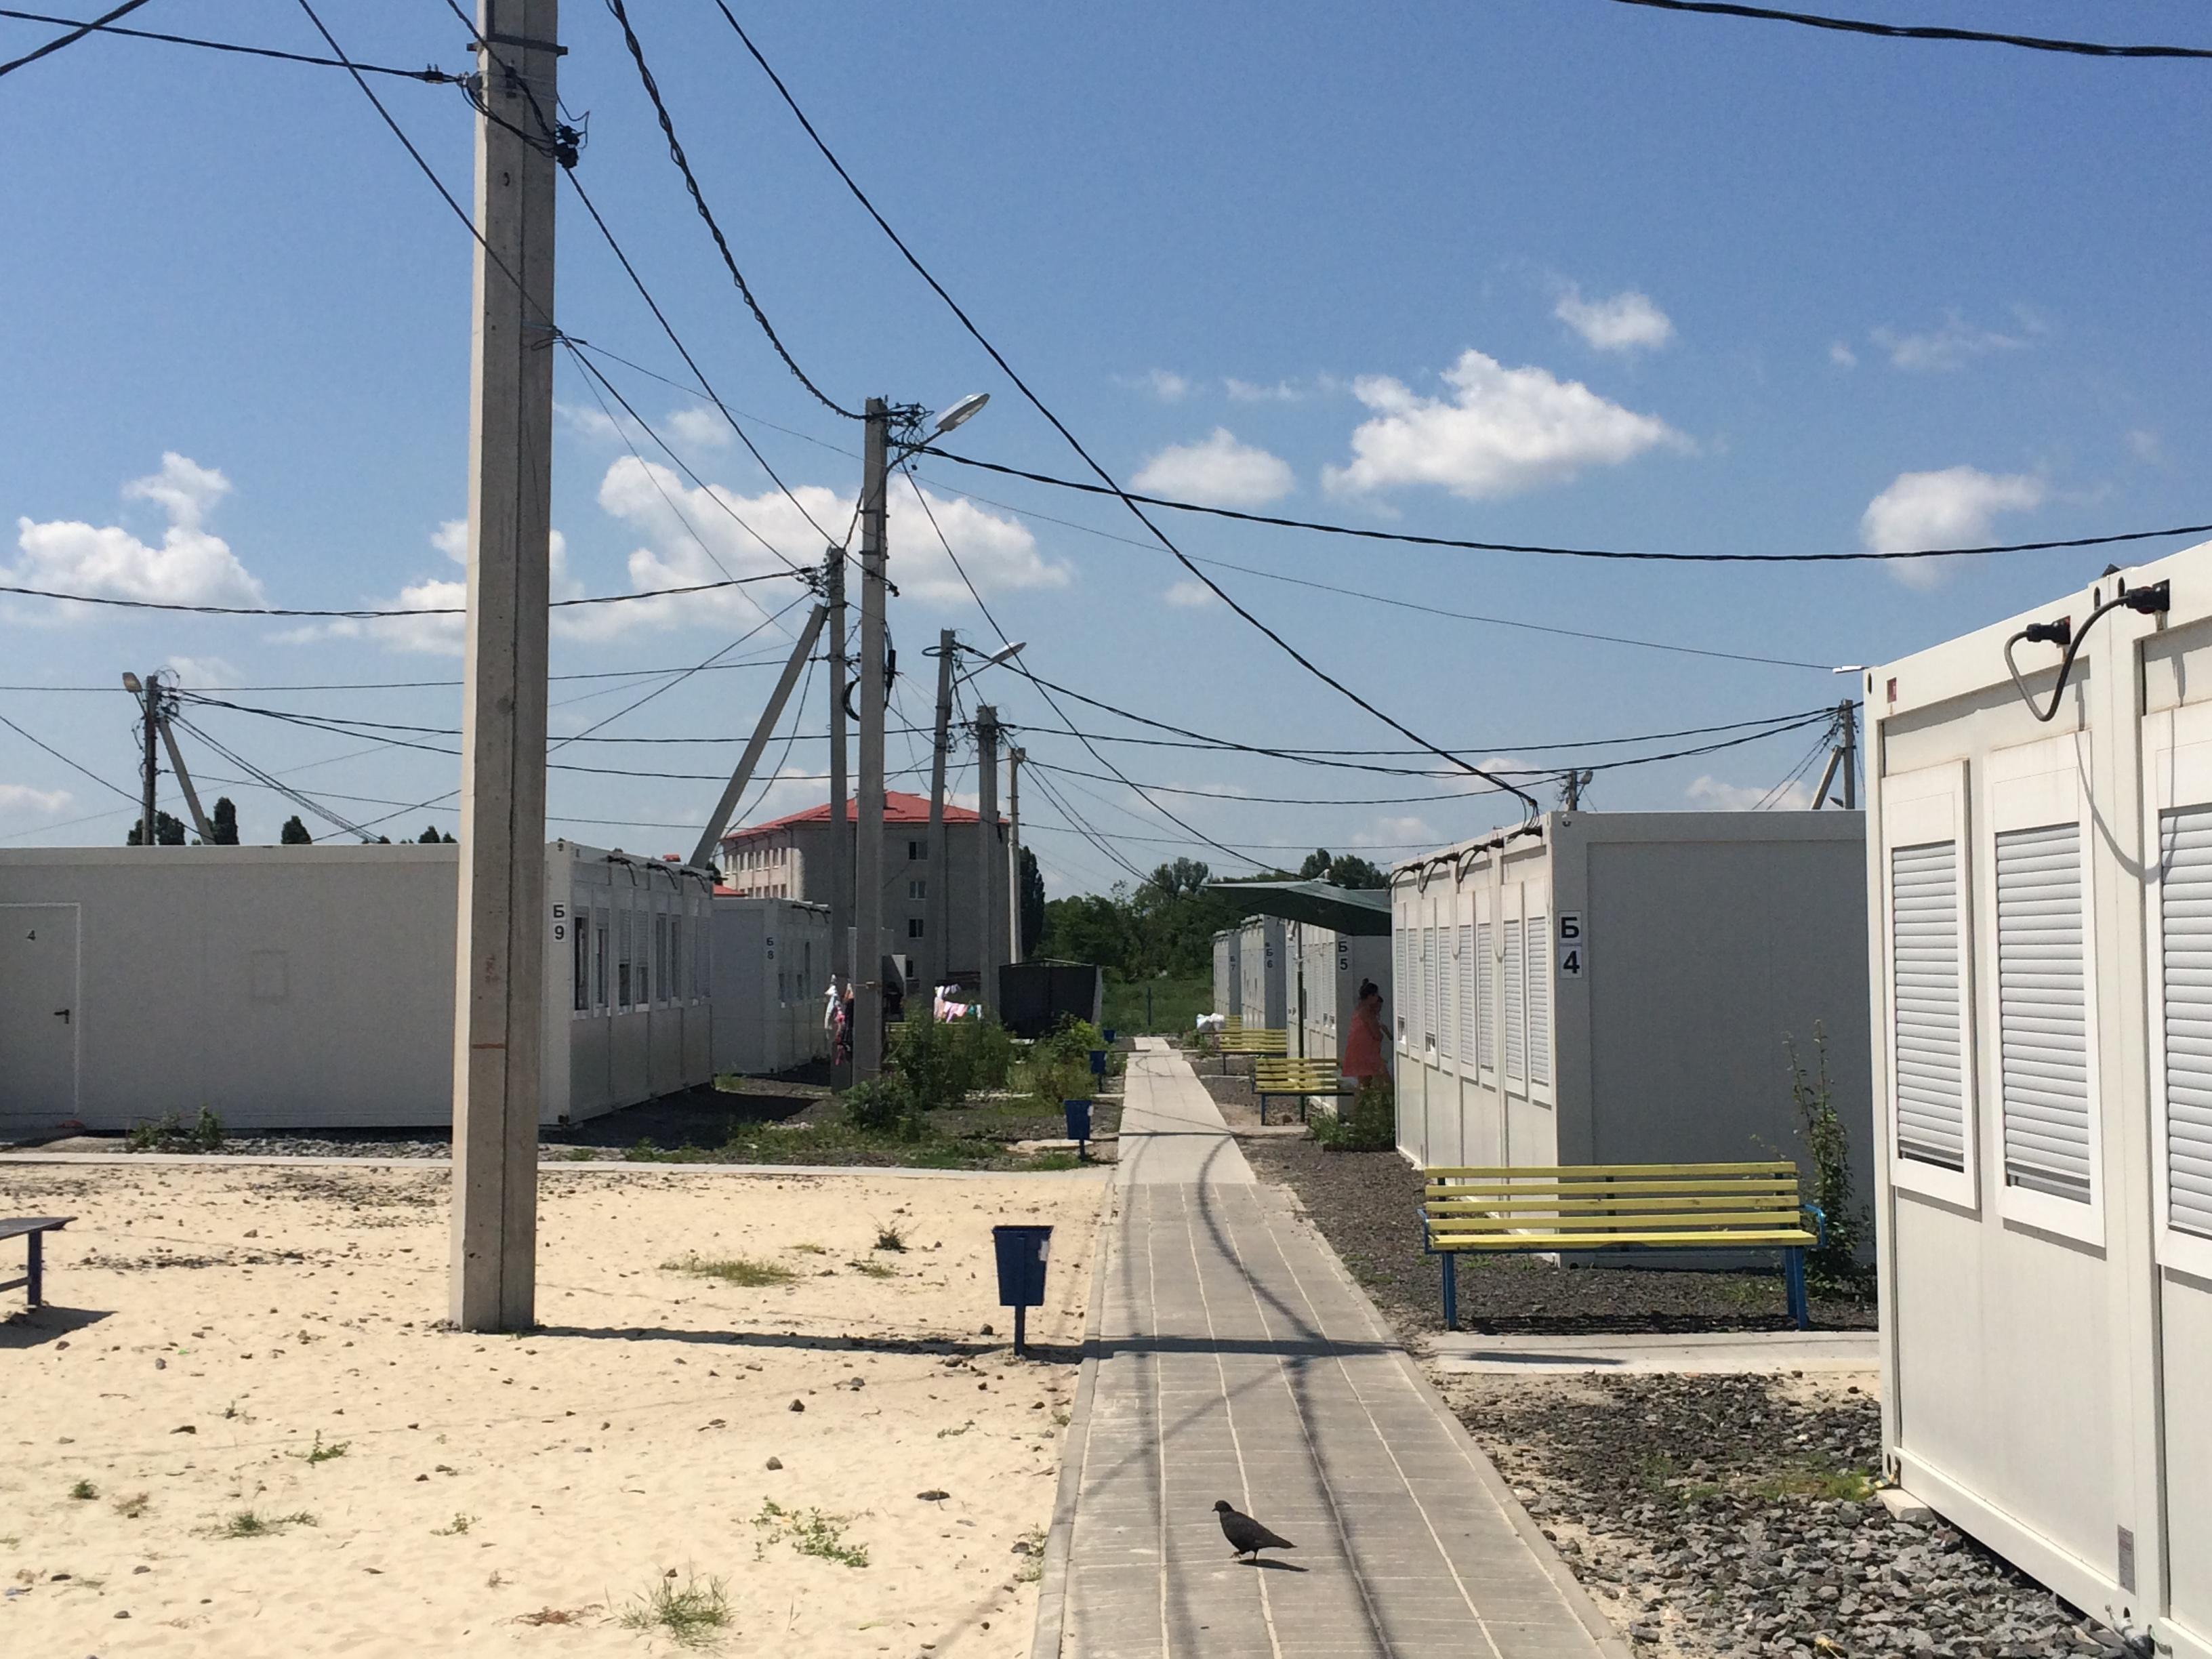 Платити втридорога: як у харківському модульному містечку переселенці з Донбасу переживають підвищення тарифів - фото 3